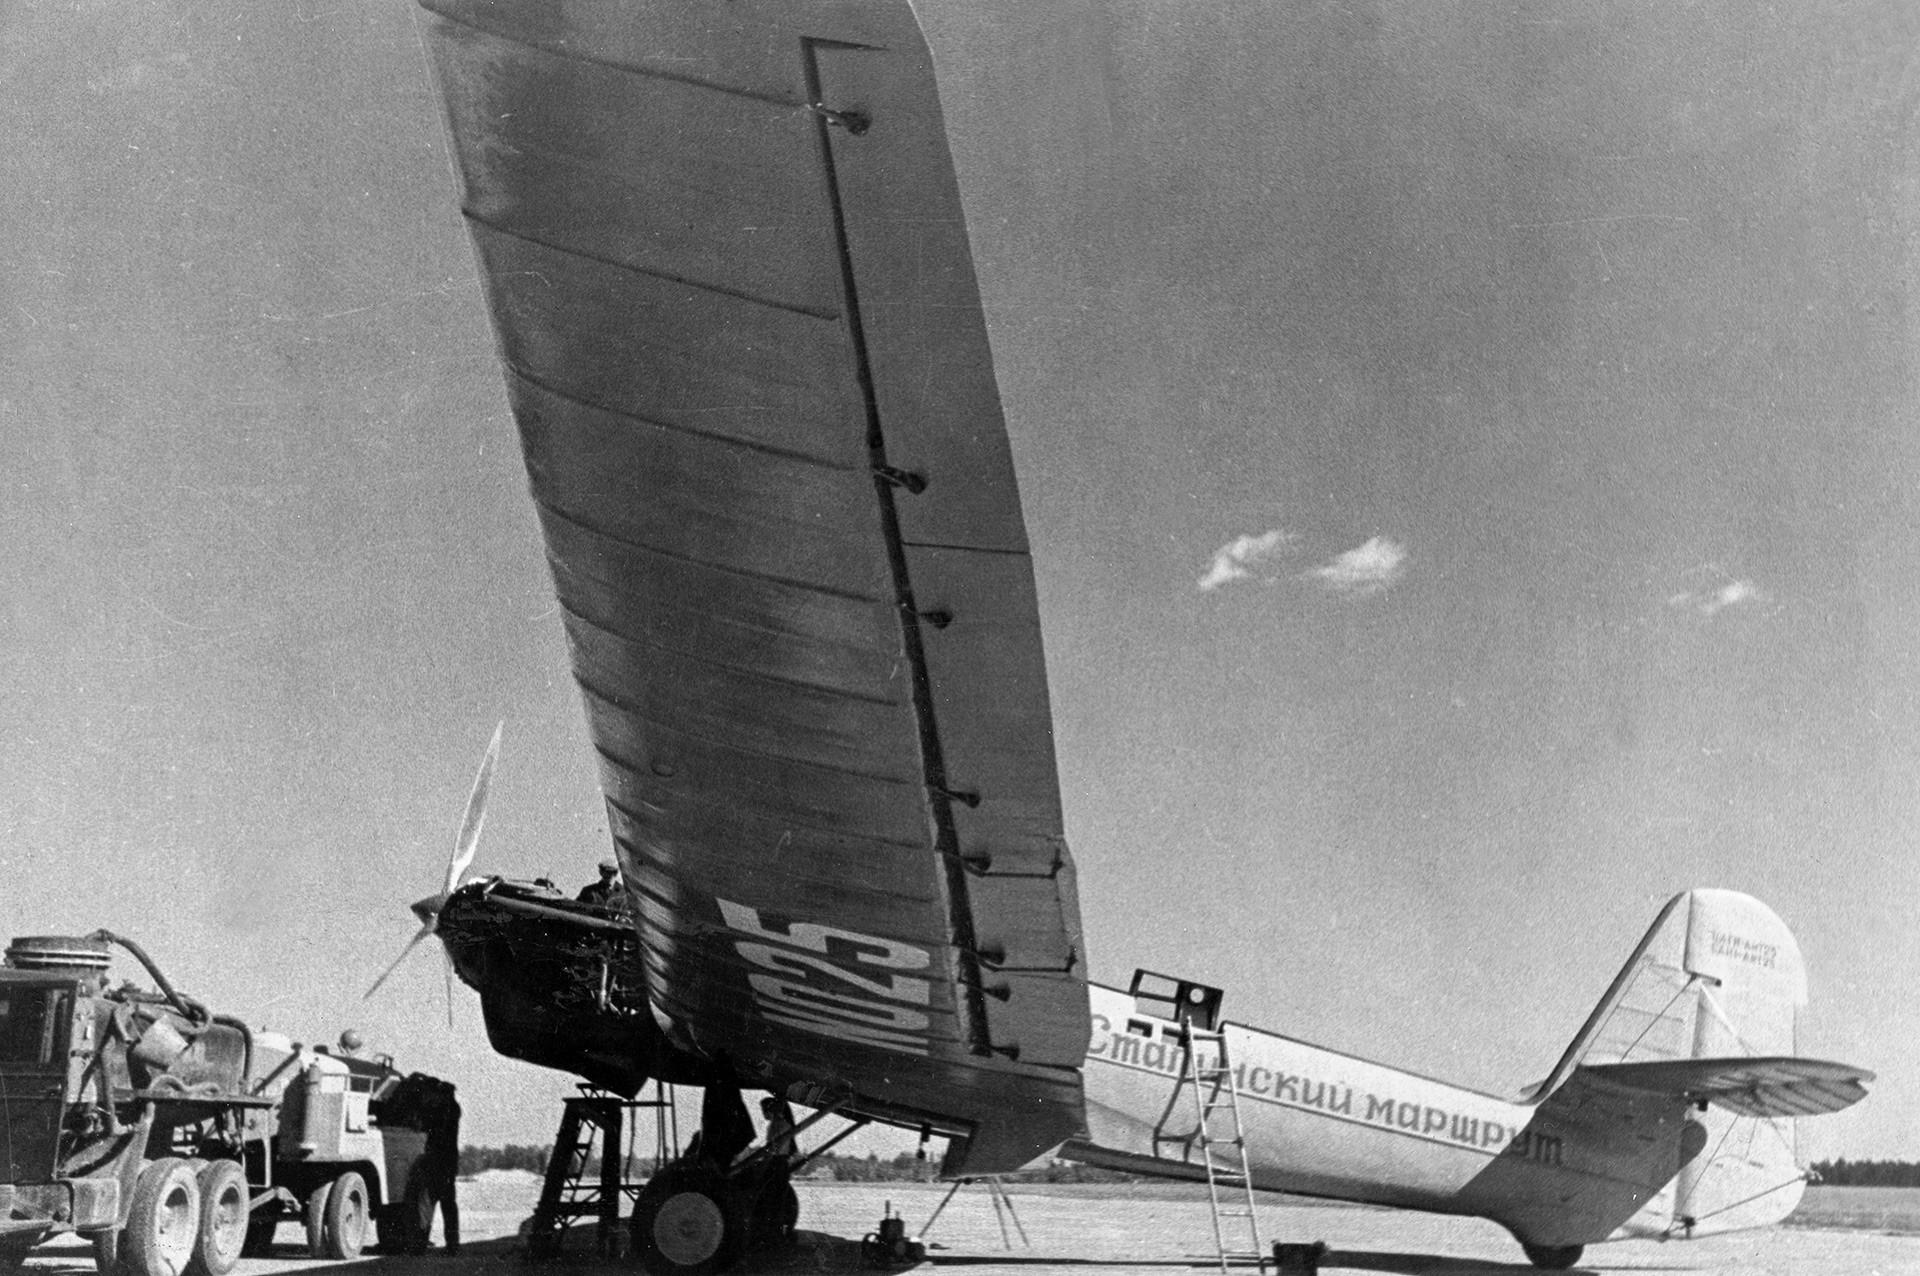 モスクワから極東まで記録的な飛行(スターリン航路)を行ったトゥポレフANT-25。